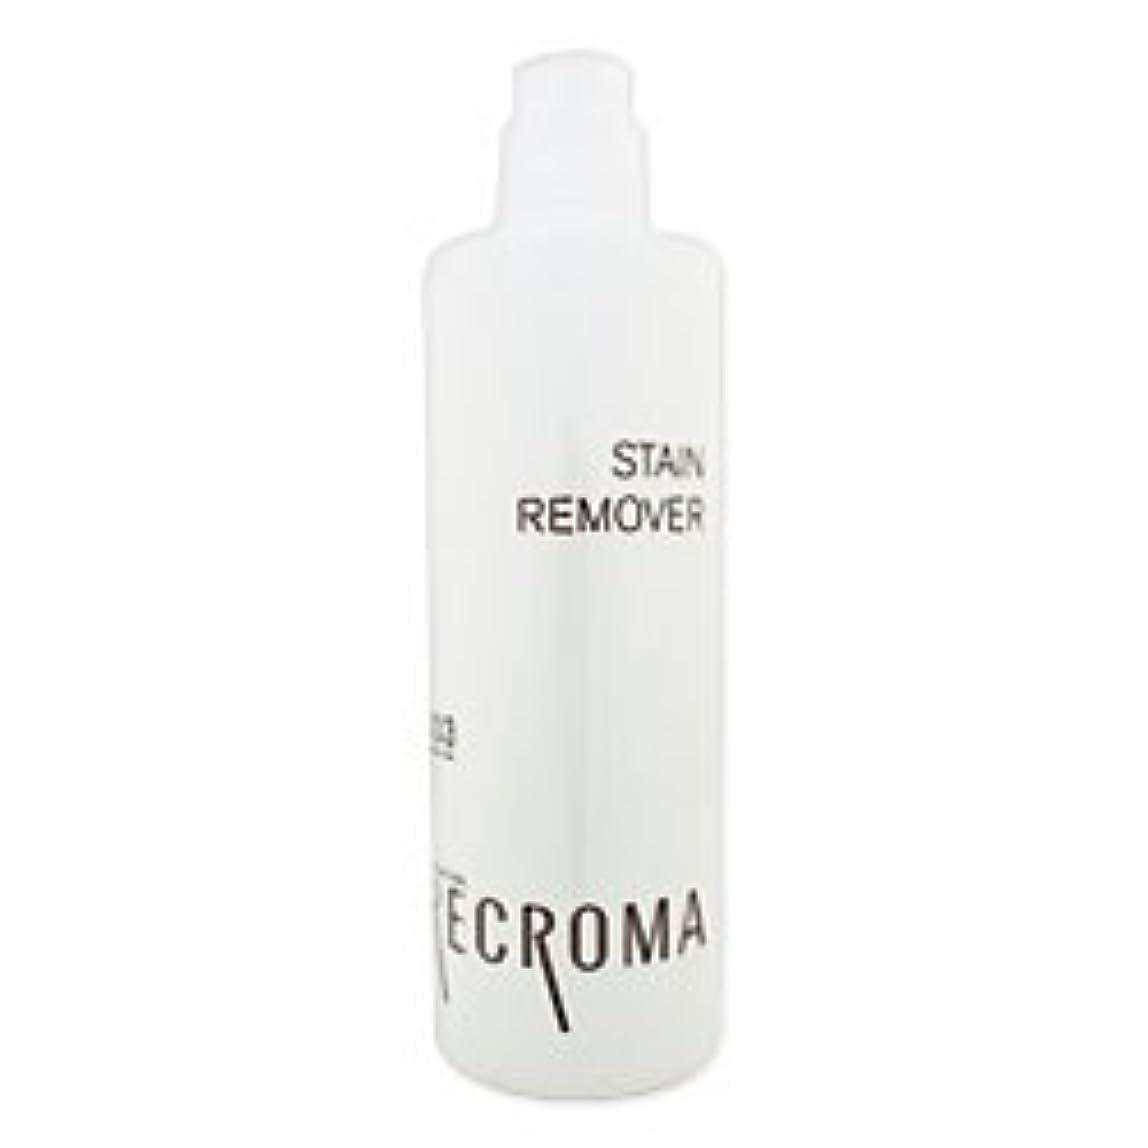 先住民内側かりてナンバースリー リクロマ ステインリムーバー 拭き取り化粧水 300ml 【業務用】